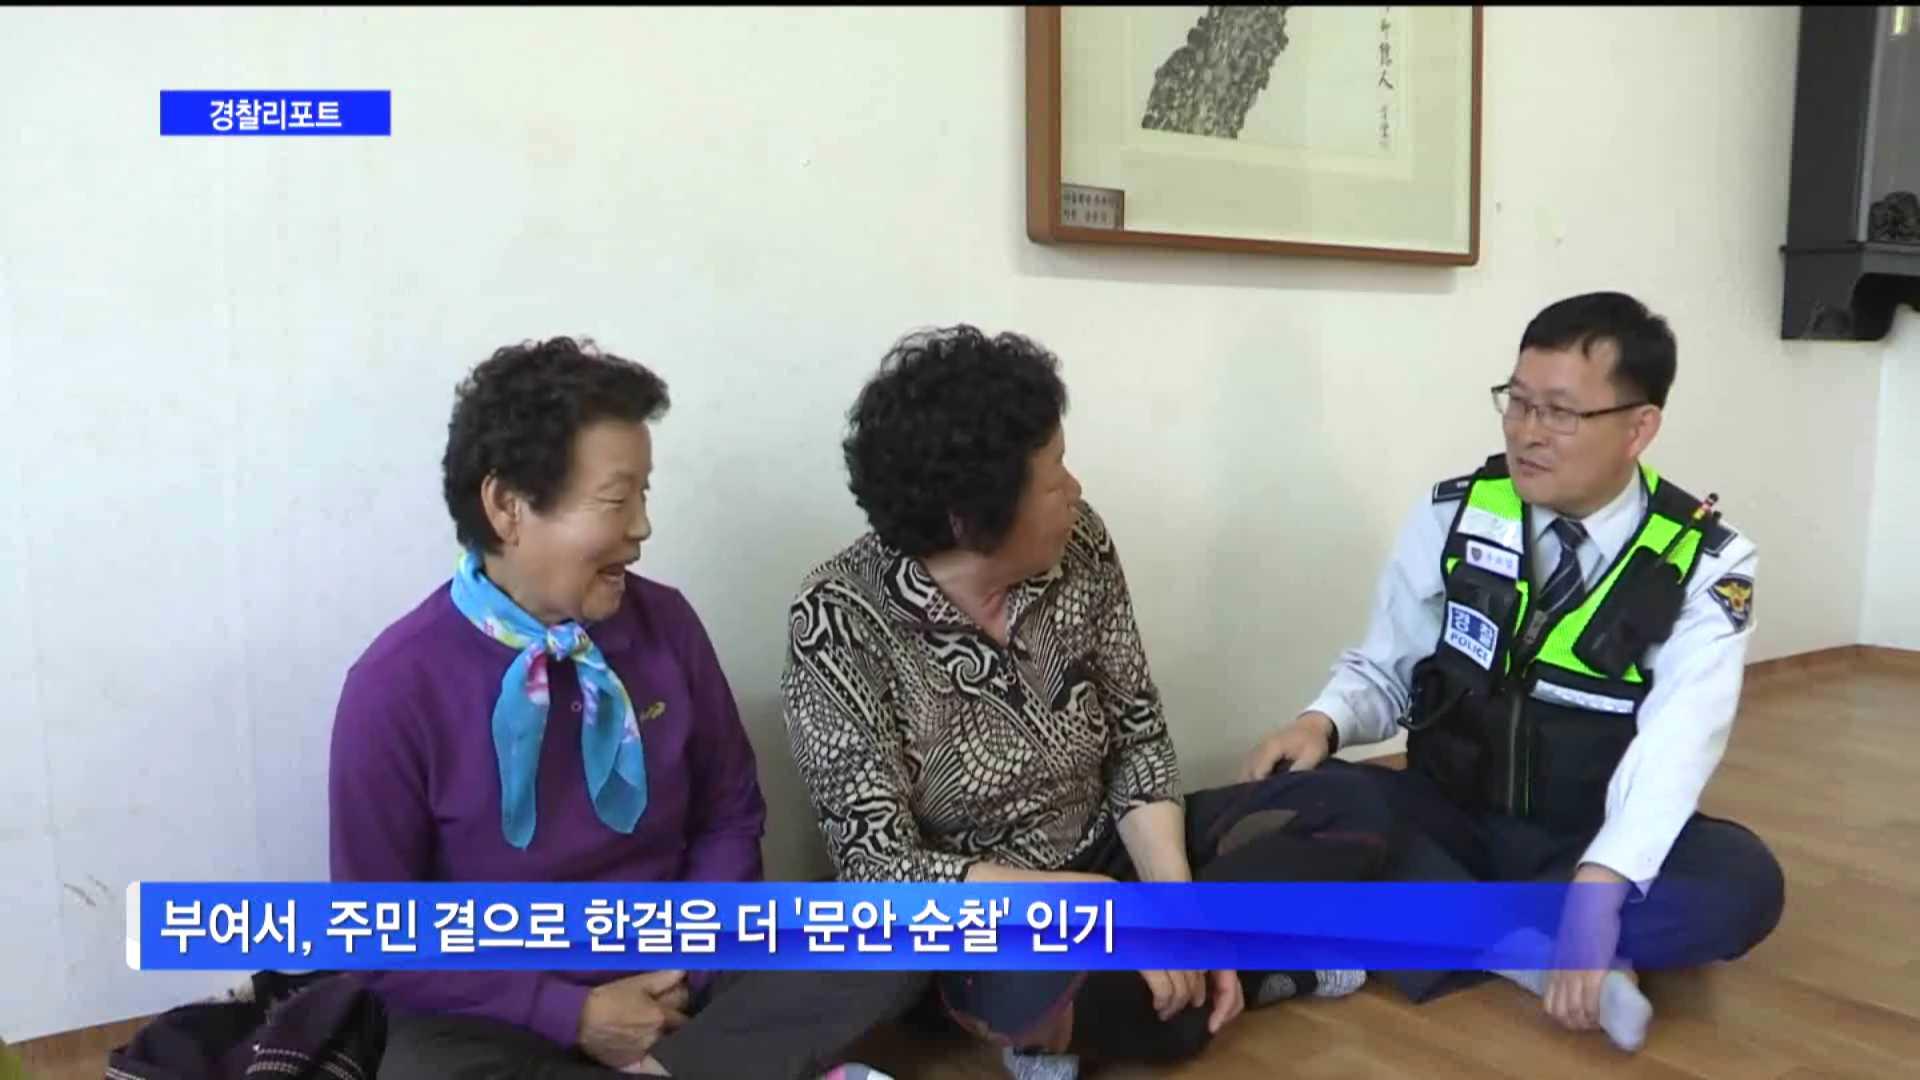 충남경찰 리포트 59회